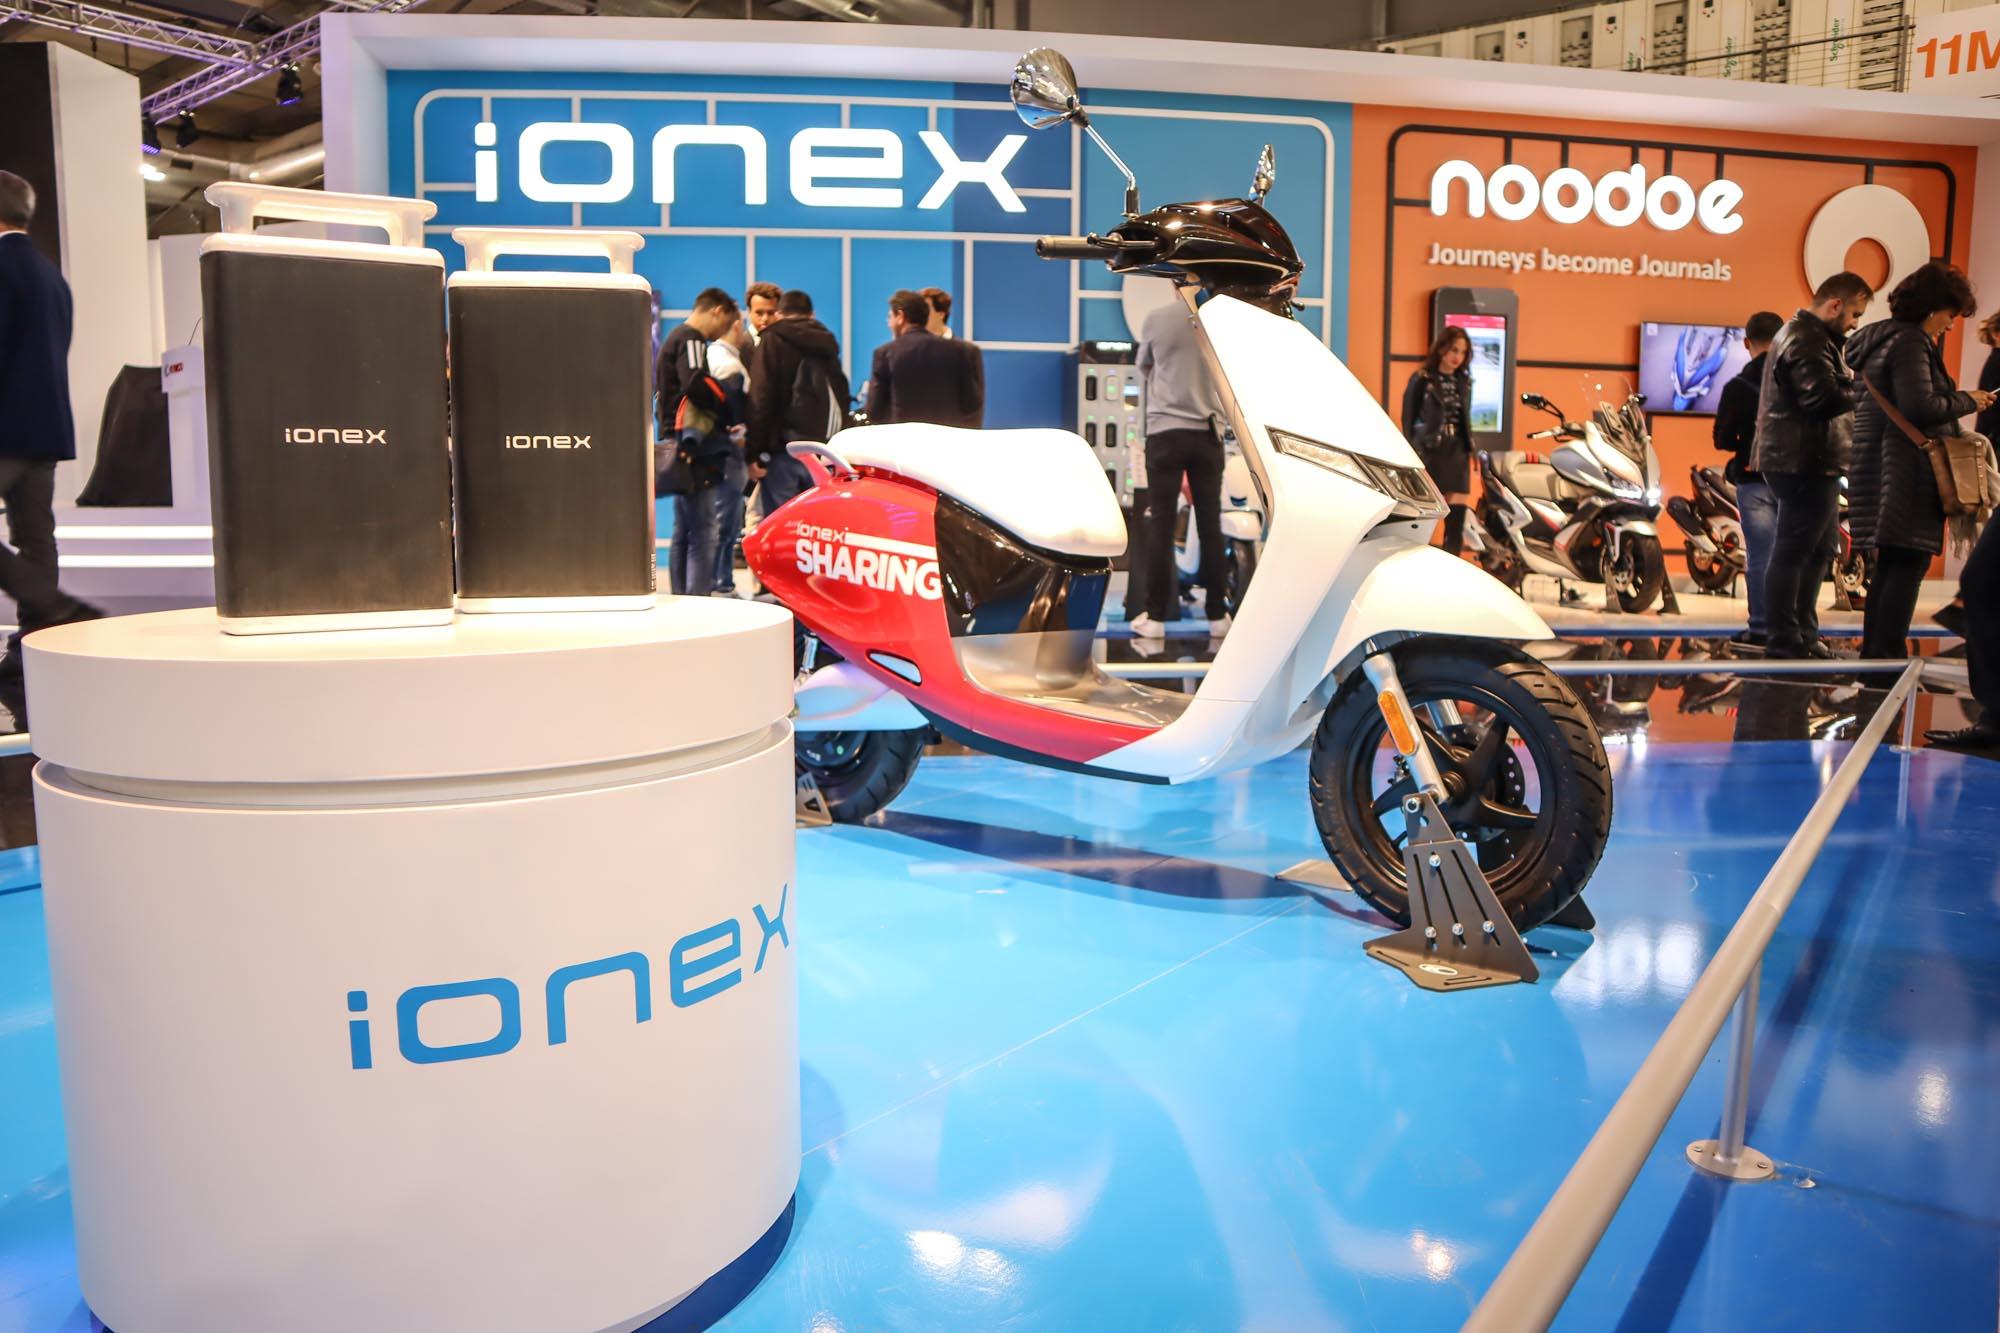 於 2019 米蘭車展上,Kymco 針對 iONEX 的展出能量也精心安排,期望讓全球看見自己於電動領域的努力與現階段成果。